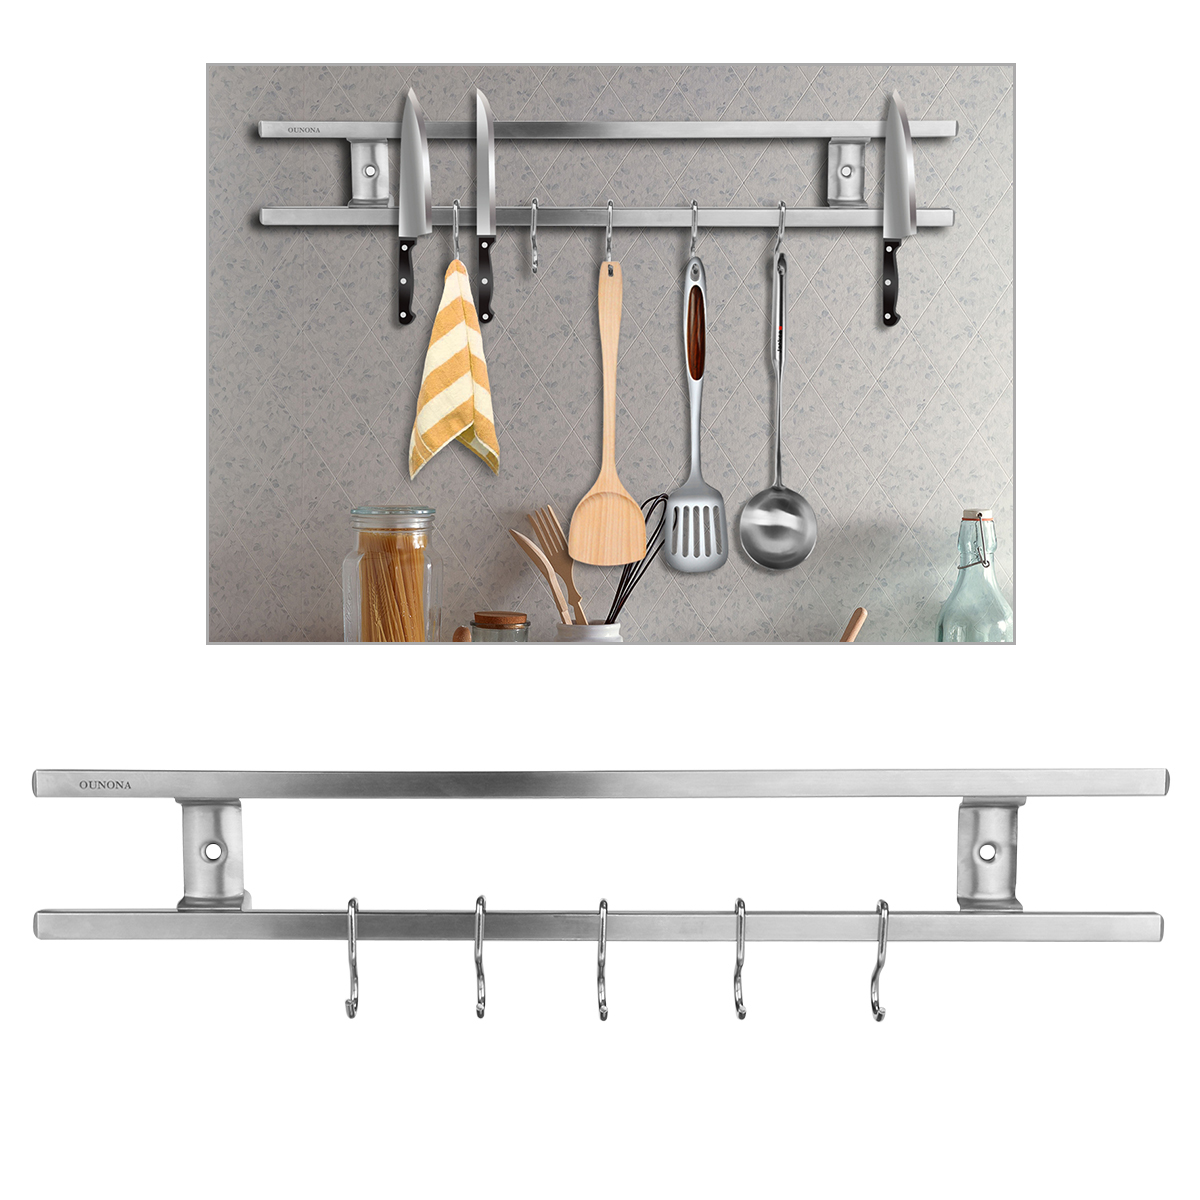 1 Pc Wandmontage Keuken Opslag Houders Rekken Magnetische Mes Houder Dubbele Bar Mes Rack Voor Messen Gebruiksvoorwerpen En Keuken Sets